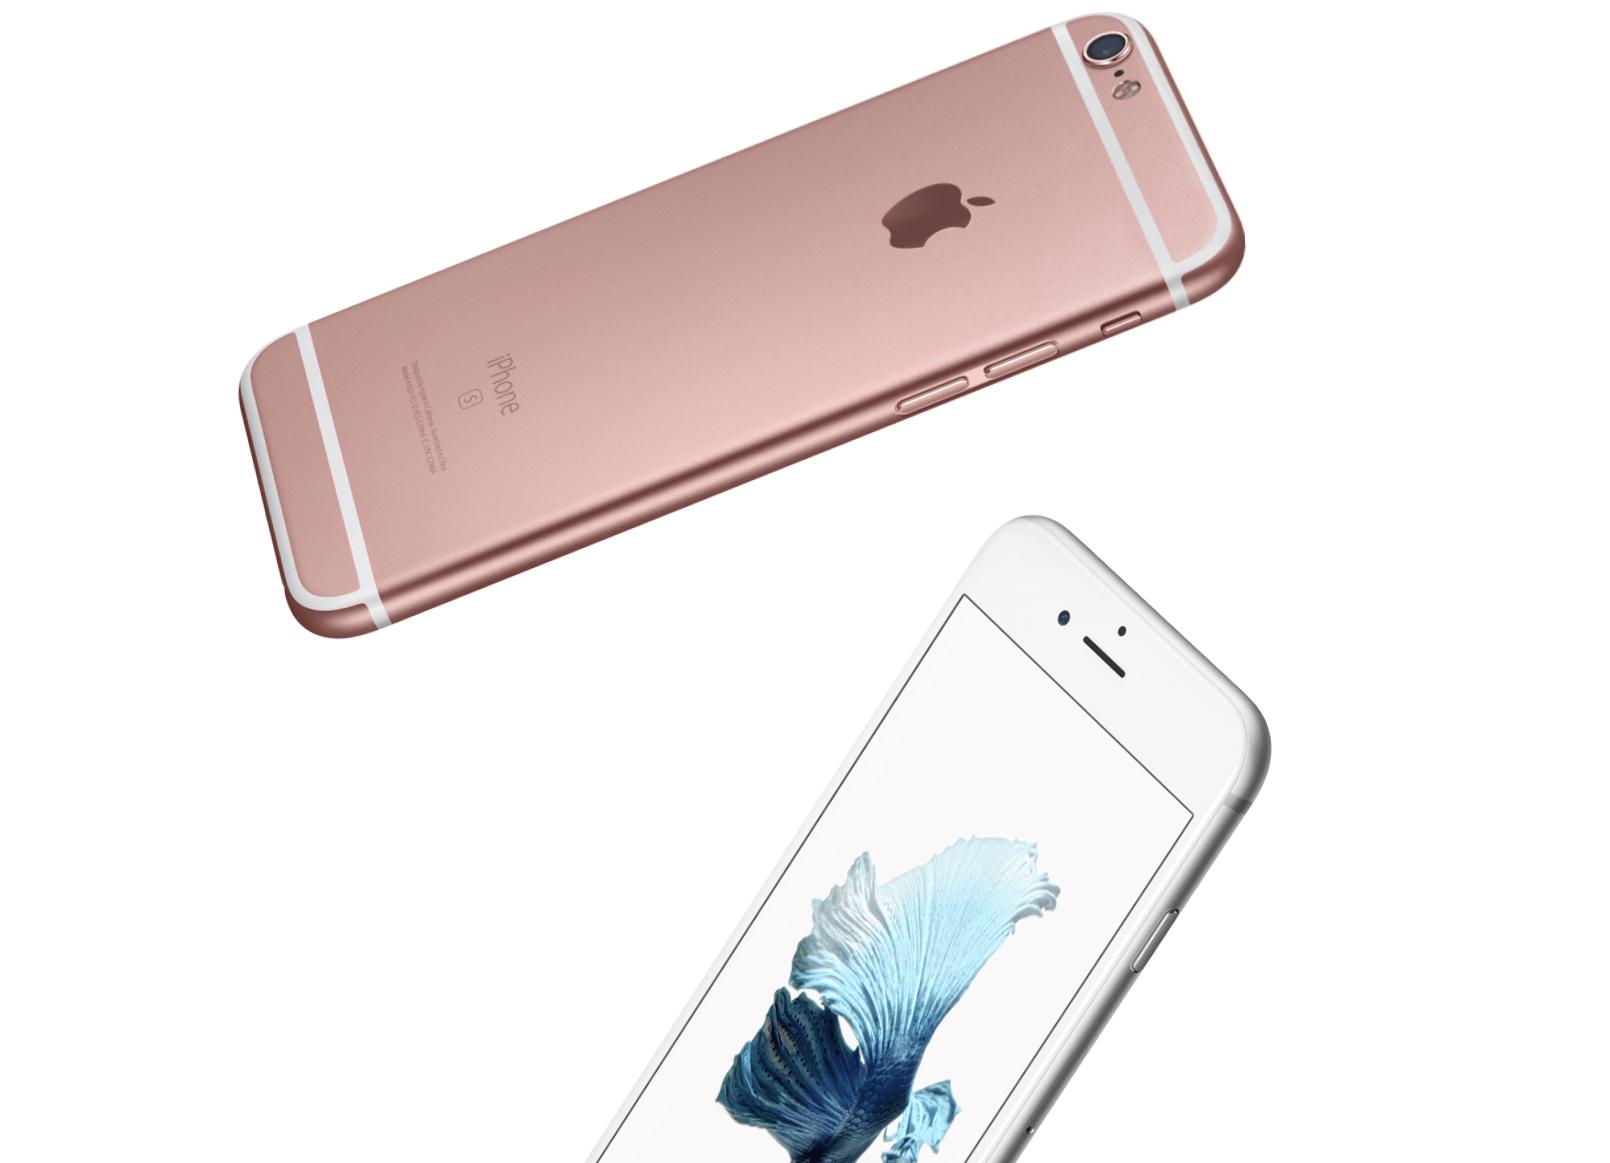 Unboxing-&-Review-iPhone-6S-La-nueva-bestia-de-Apple